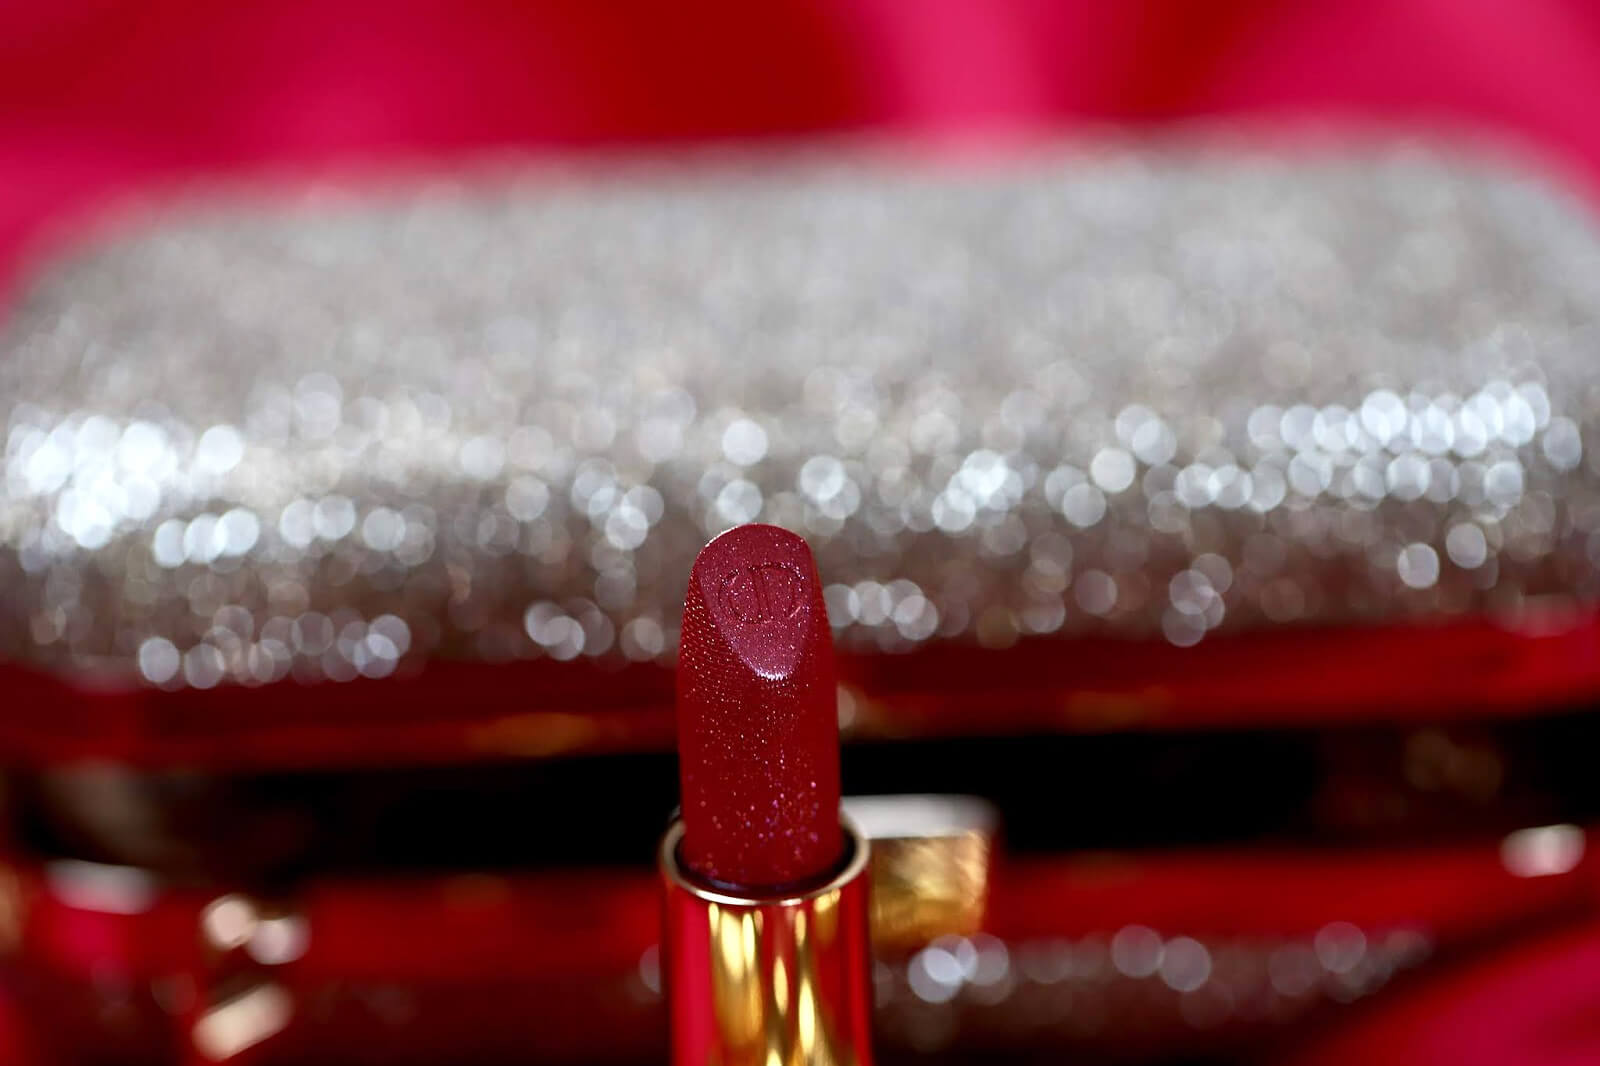 Diorific Rouge A Levres 2019 Avis Swatch